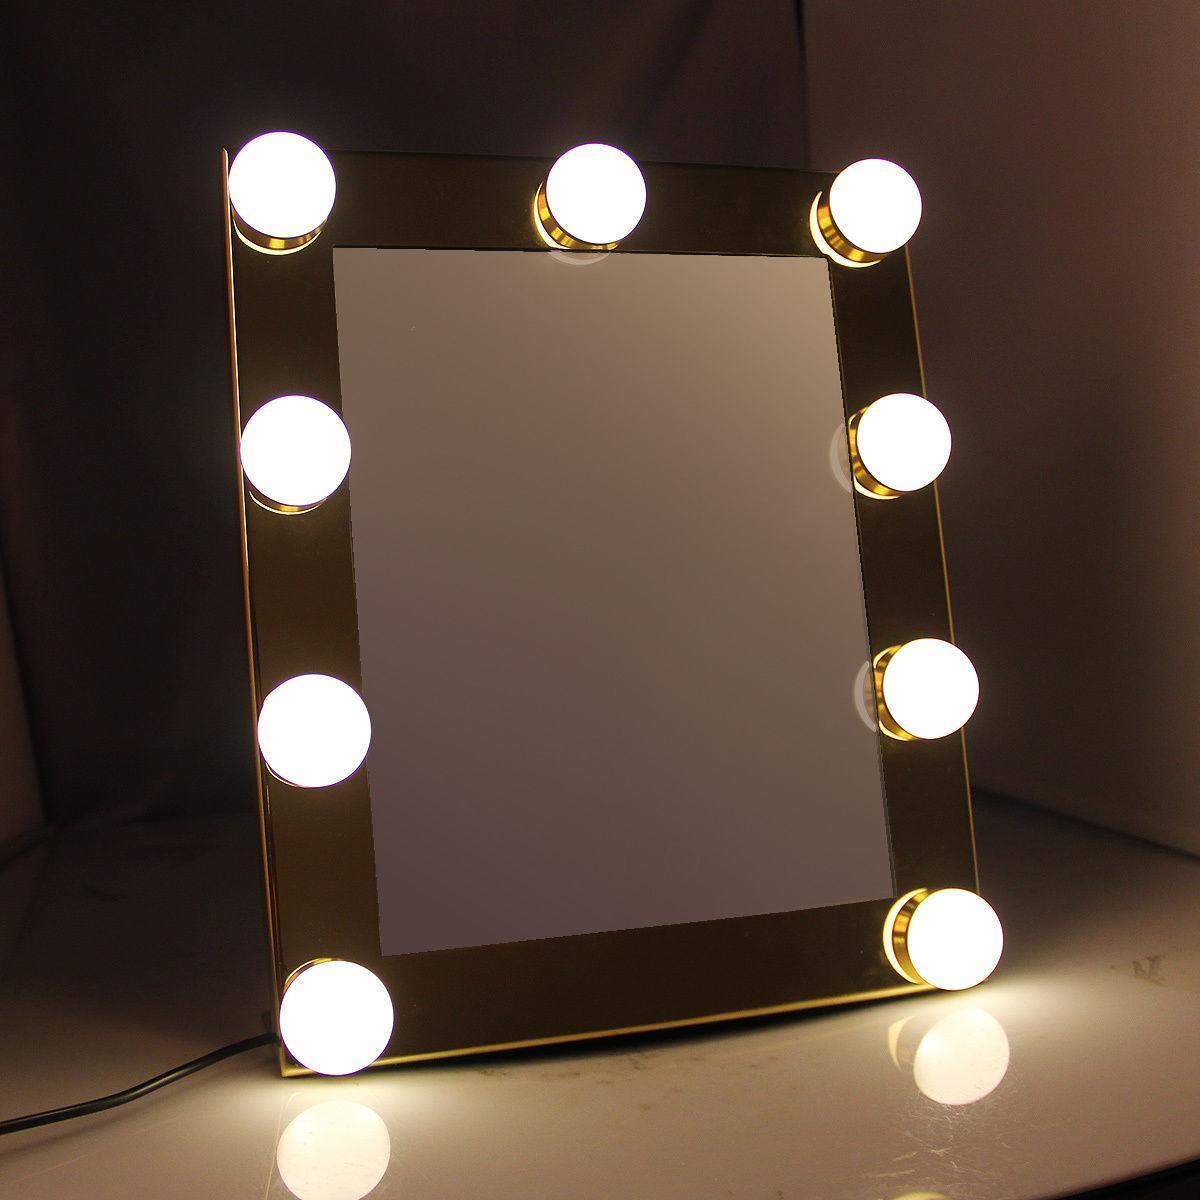 Тщеславие Столешницы Освещенные зеркало для макияжа с 9 LED лампочка загорается сенсорный экран Этап красоты Зеркало Регулируемая Cosmetic инструмента